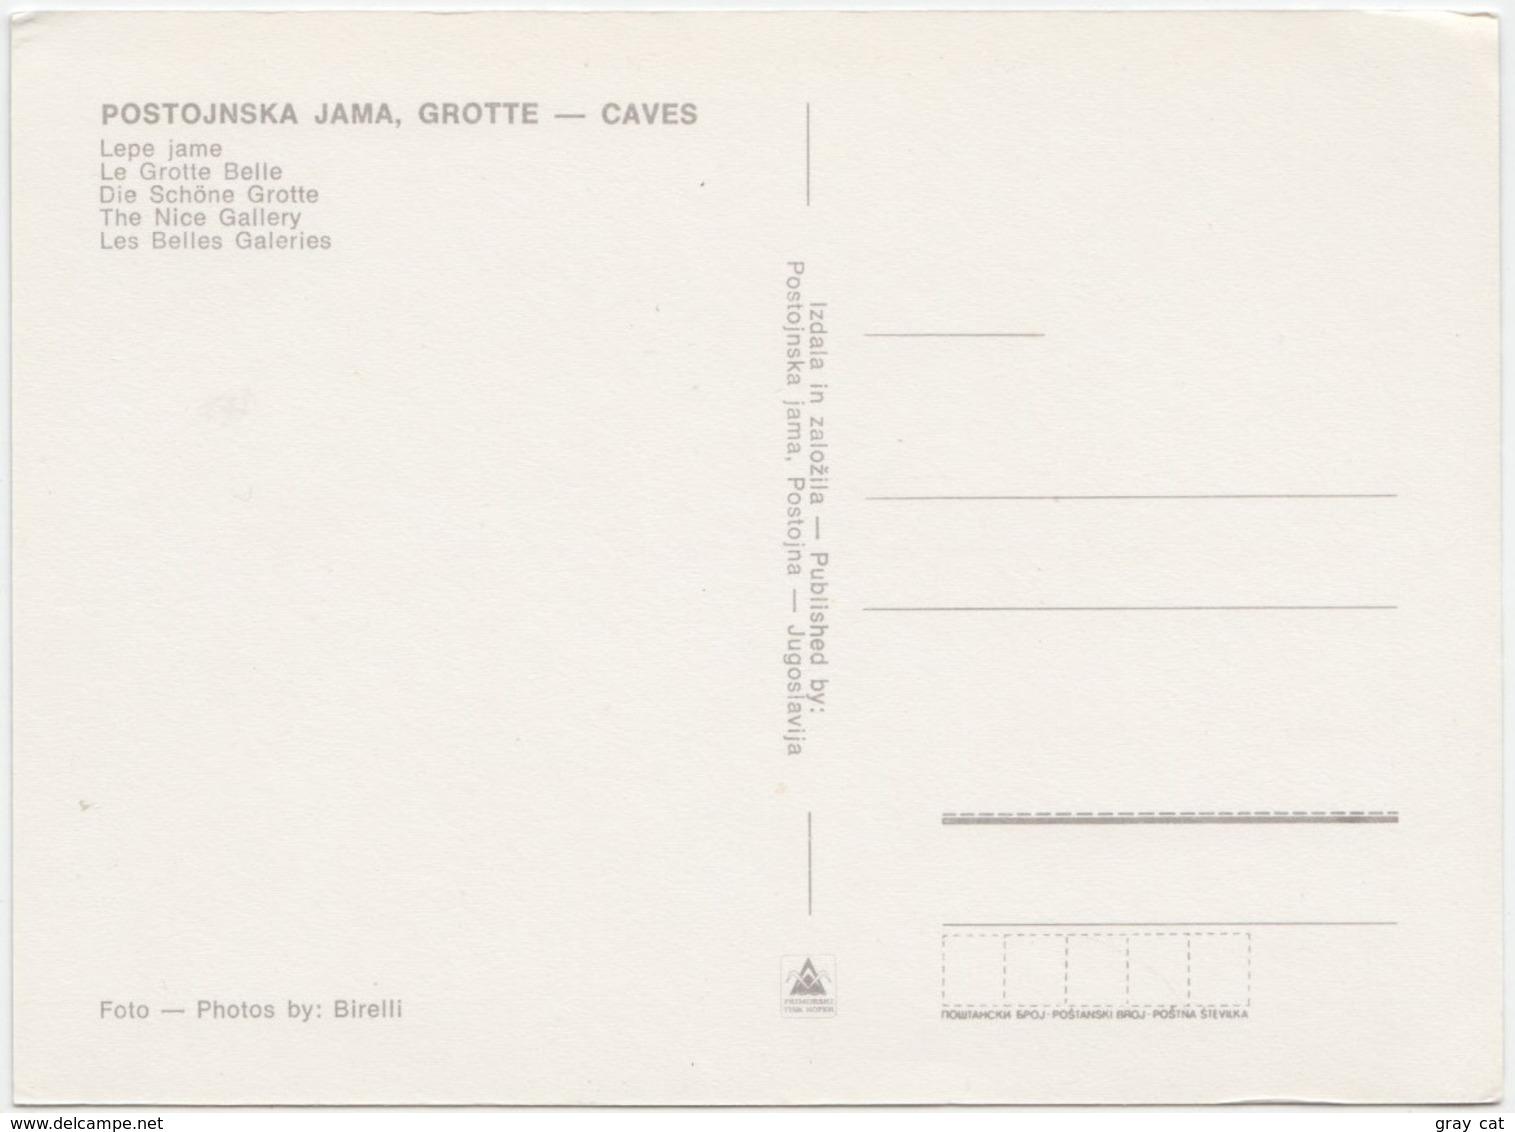 Slovenia, POSTOJNSKA JAMA, Caves, The Nice Gallery, Unused Postcard [21903] - Slovenia